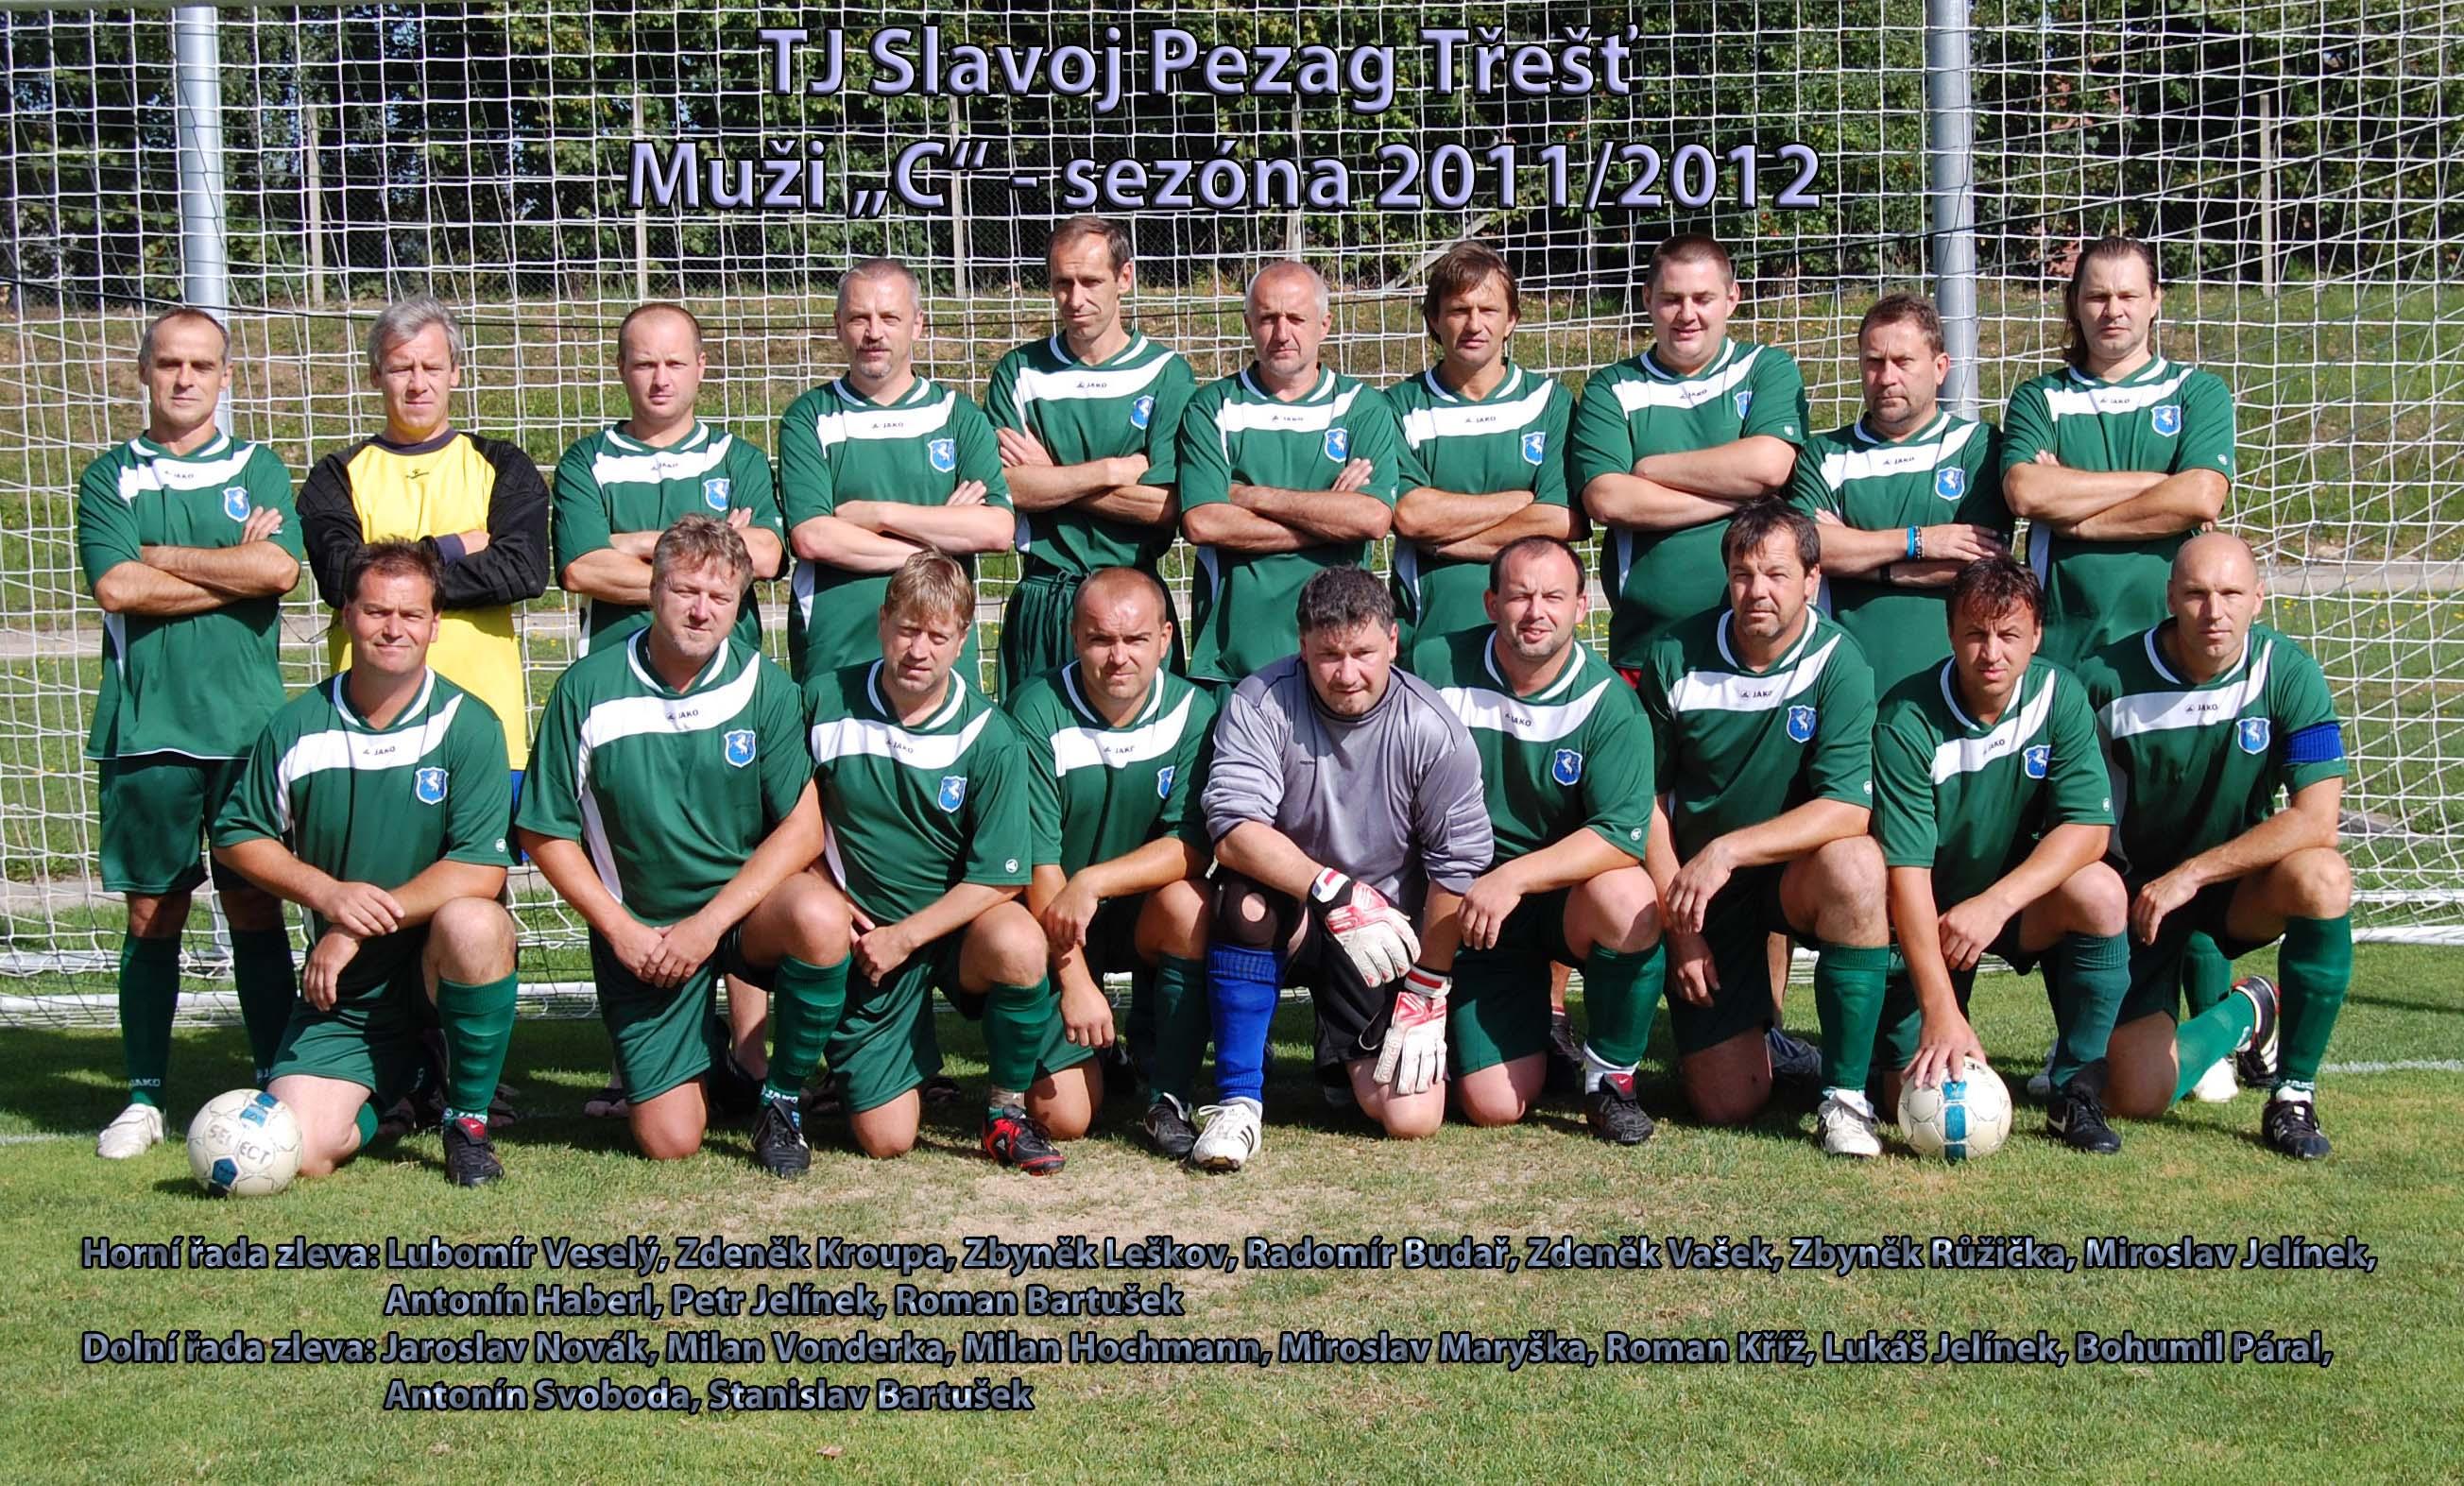 Muži C- podzim - sezóna 2011-2012